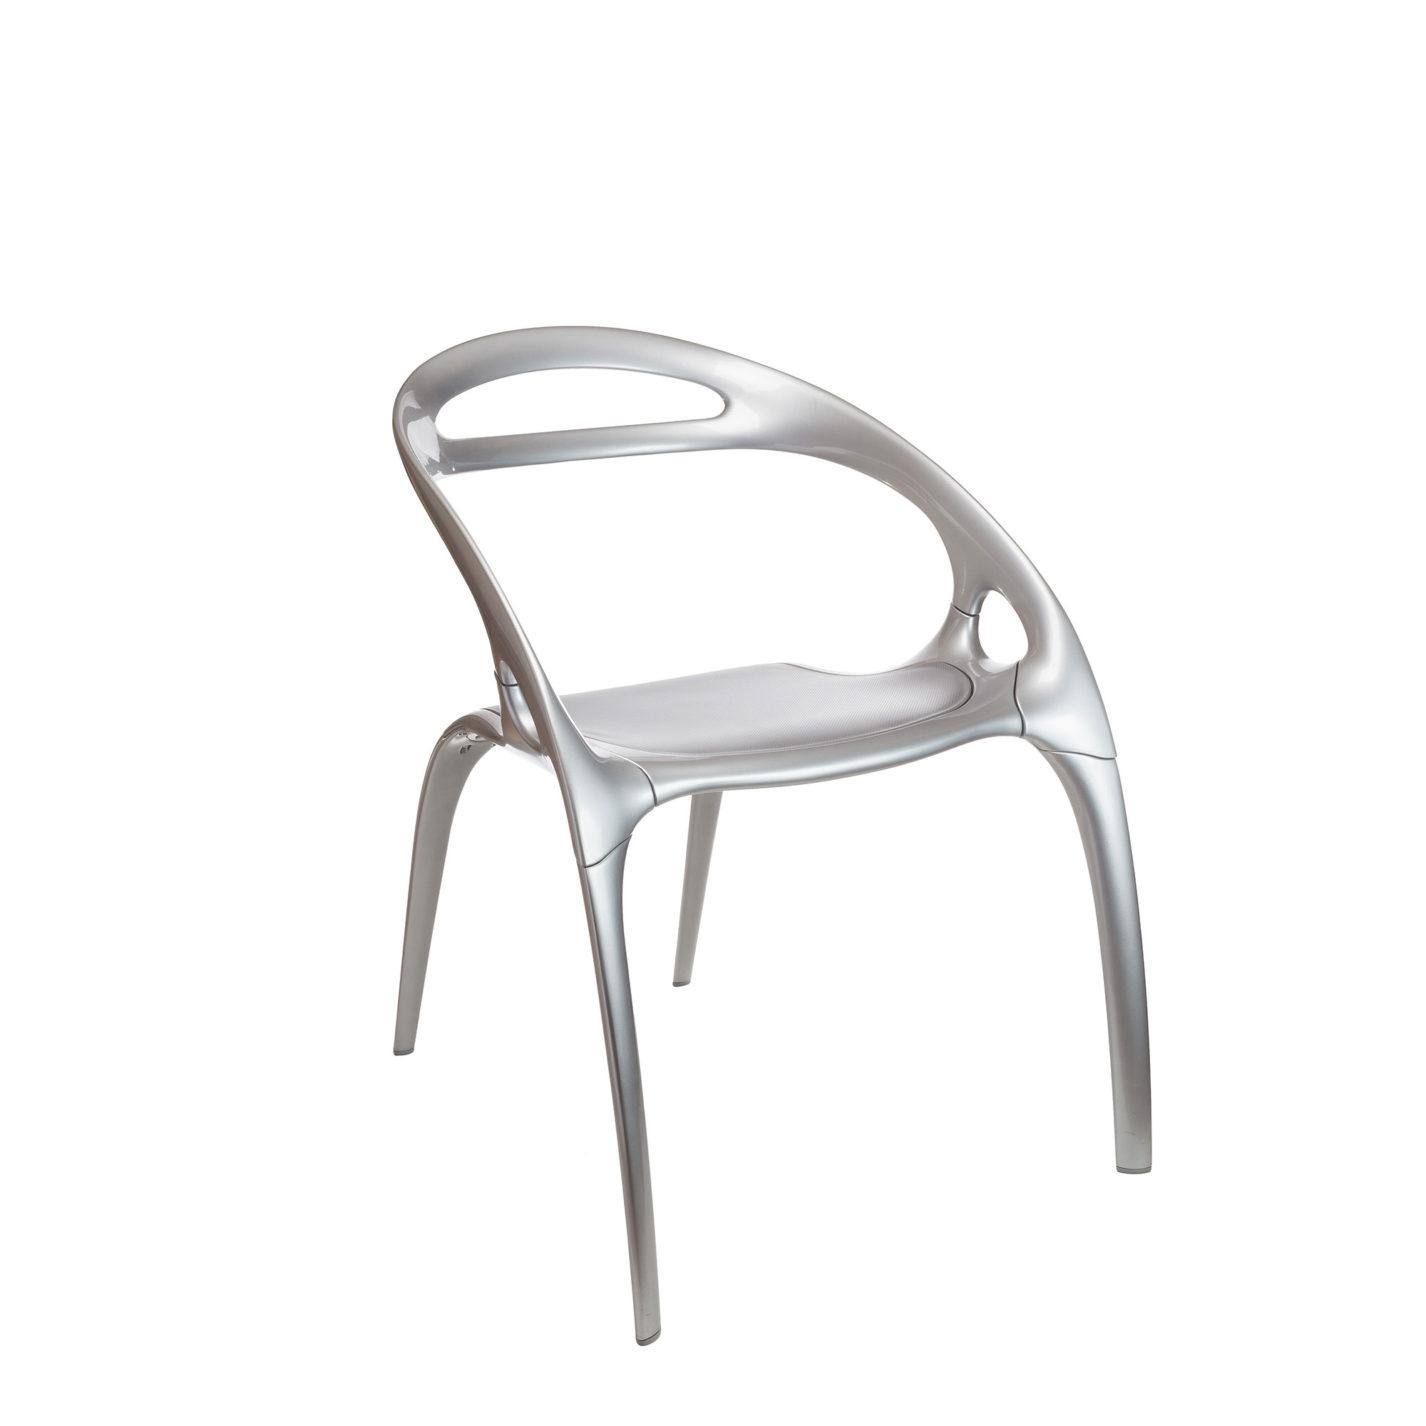 Chaise en métal. Le dossier et les accoudoirs forment un arc continu au-dessus du siège, qui repose sur quatre pieds fins aux courbes harmonieuses.